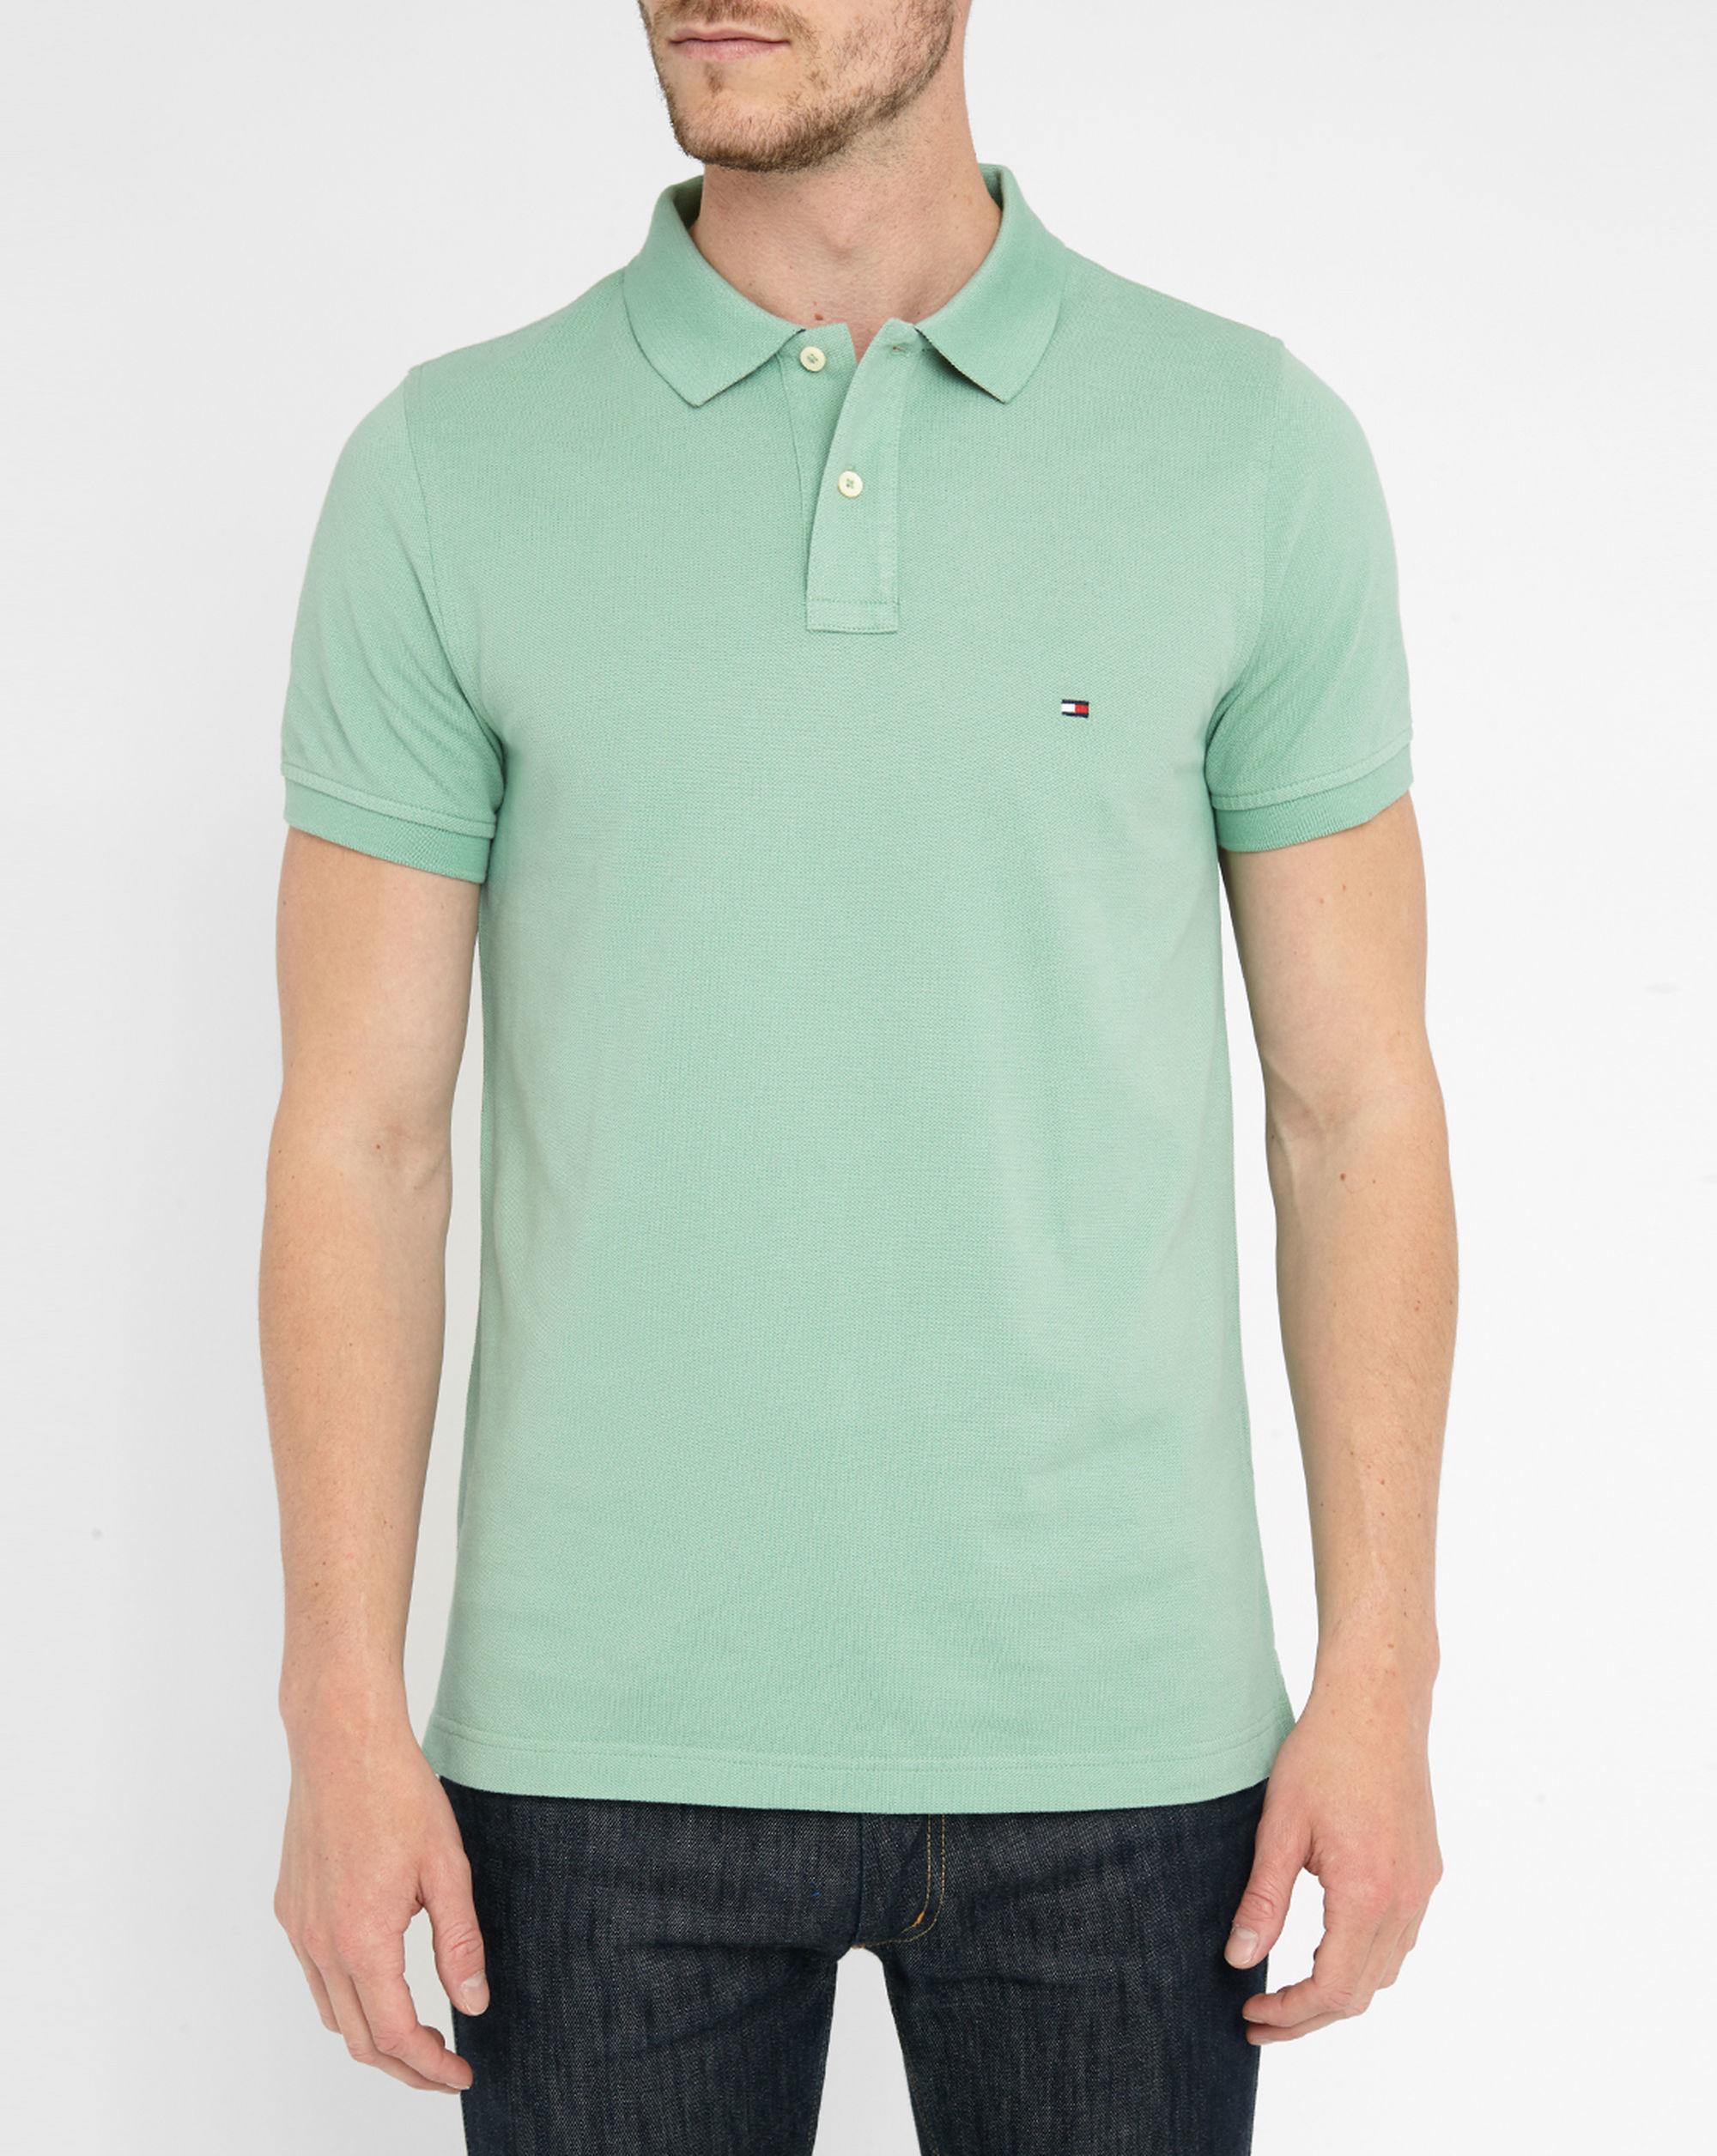 tommy hilfiger aqua pr slim fit polo shirt in green for men lyst. Black Bedroom Furniture Sets. Home Design Ideas